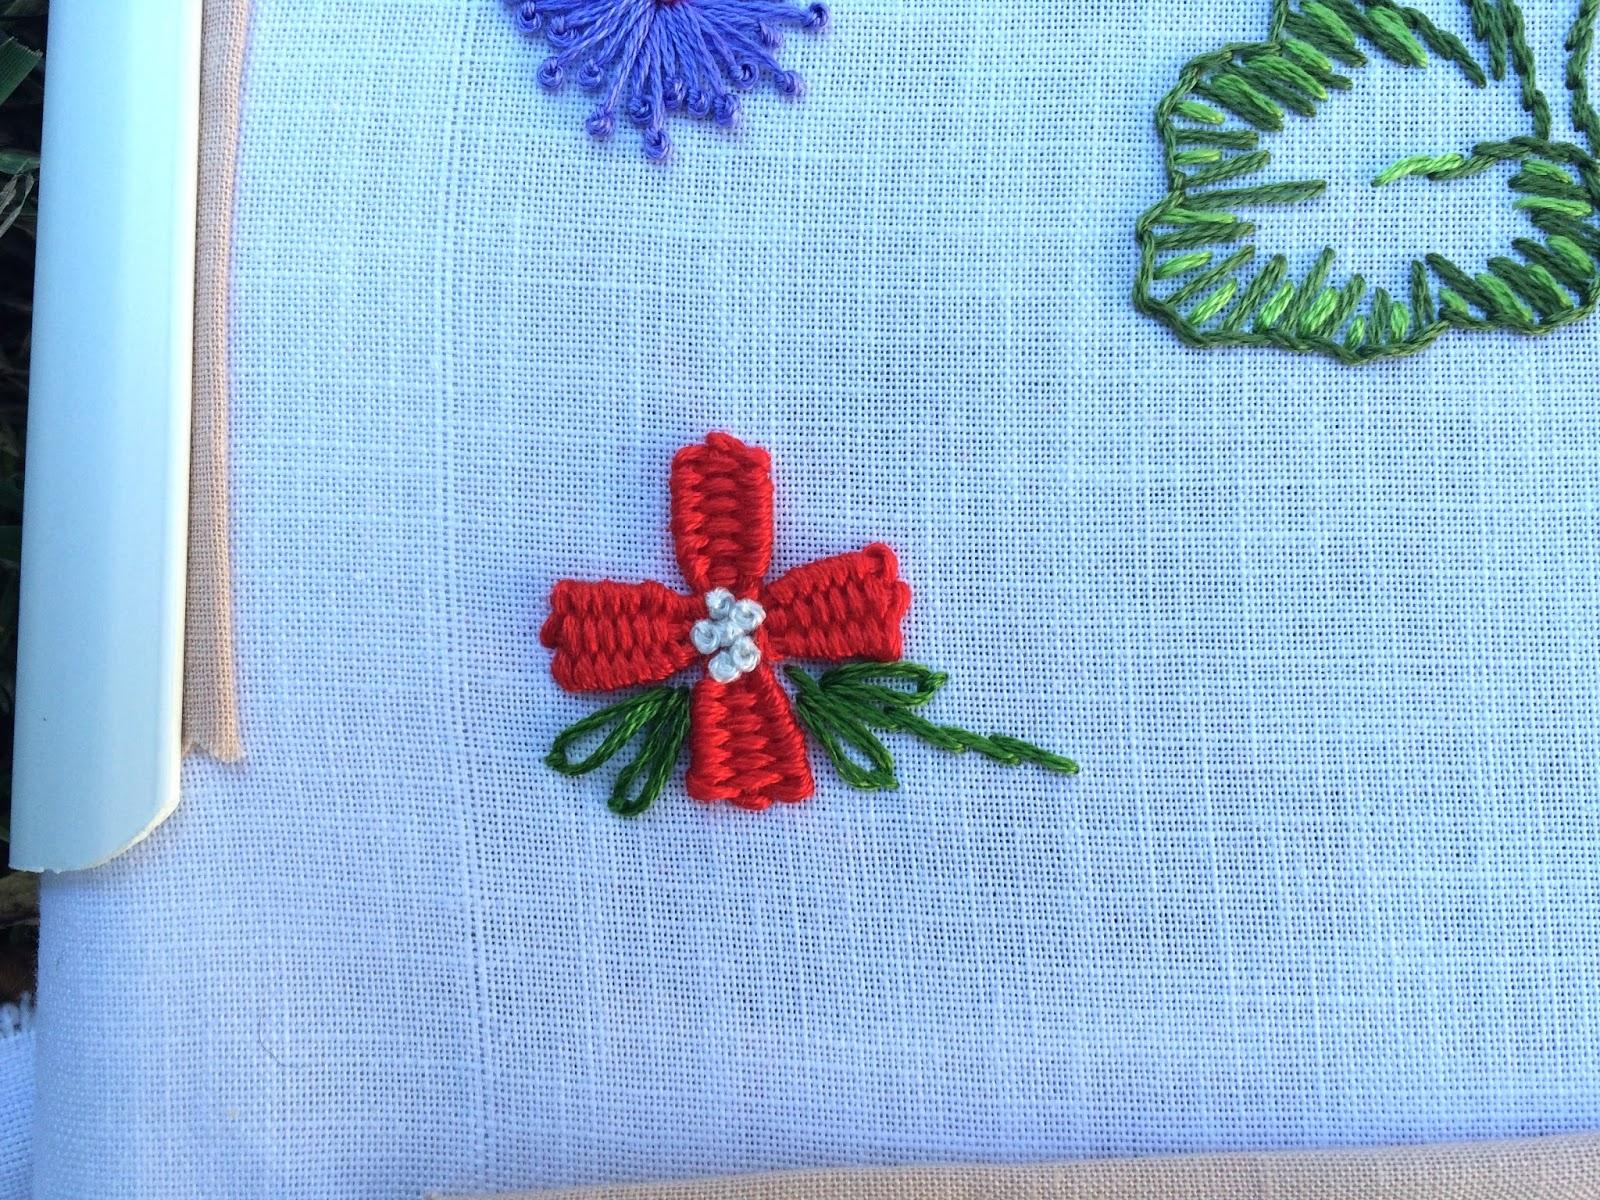 Woven Trellis Stitch Flower